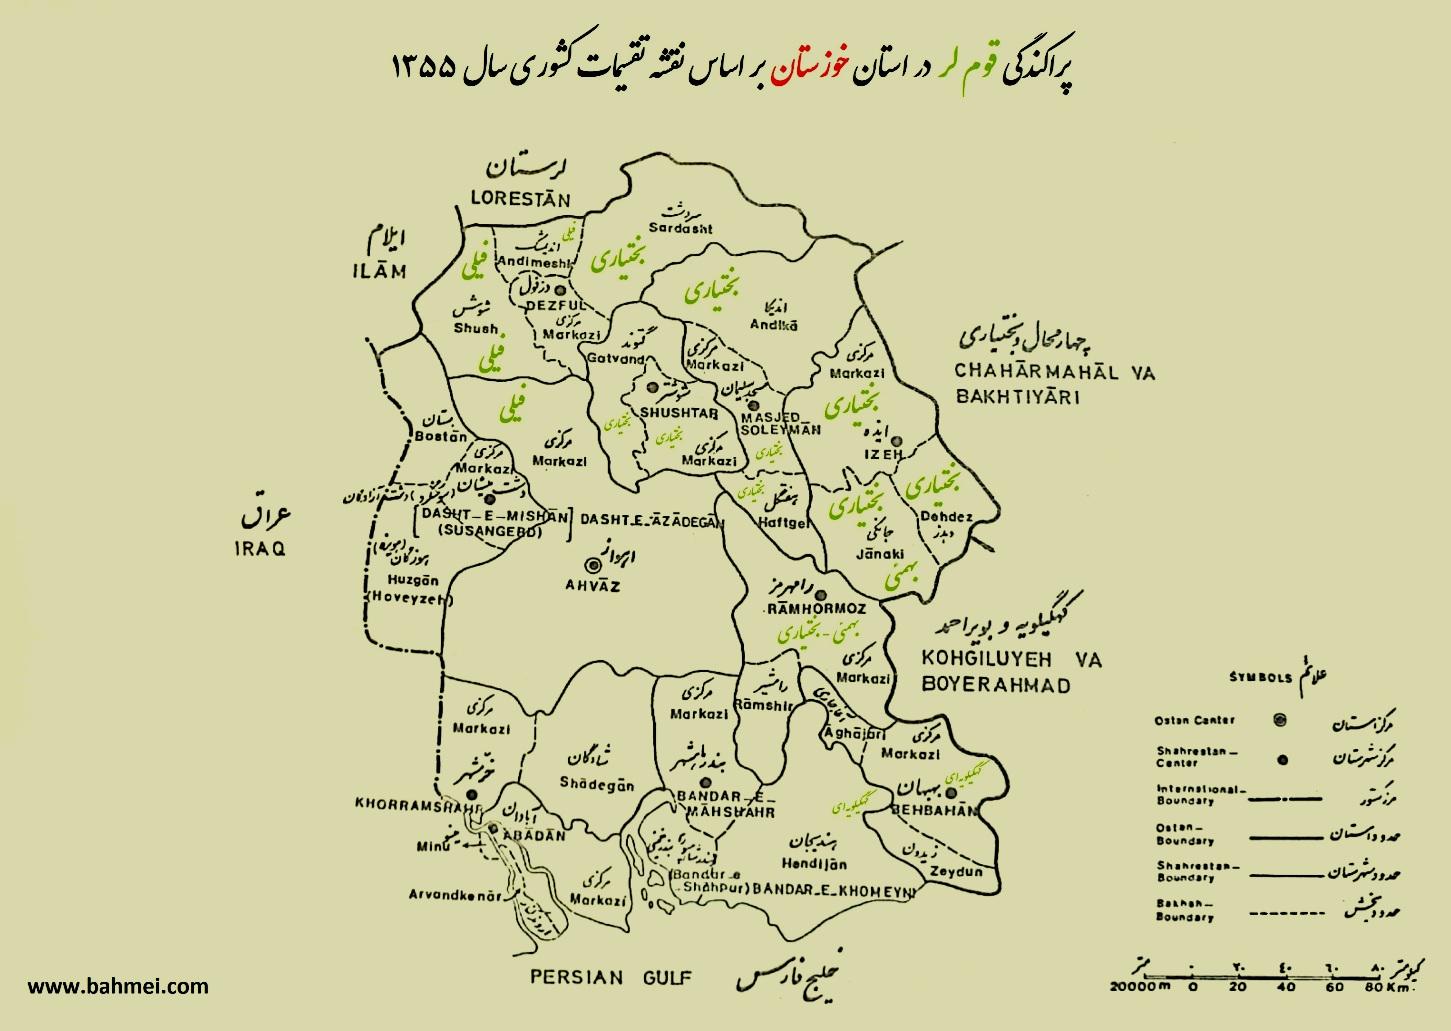 نقشه پراکندگی لرهای استان خوزستان